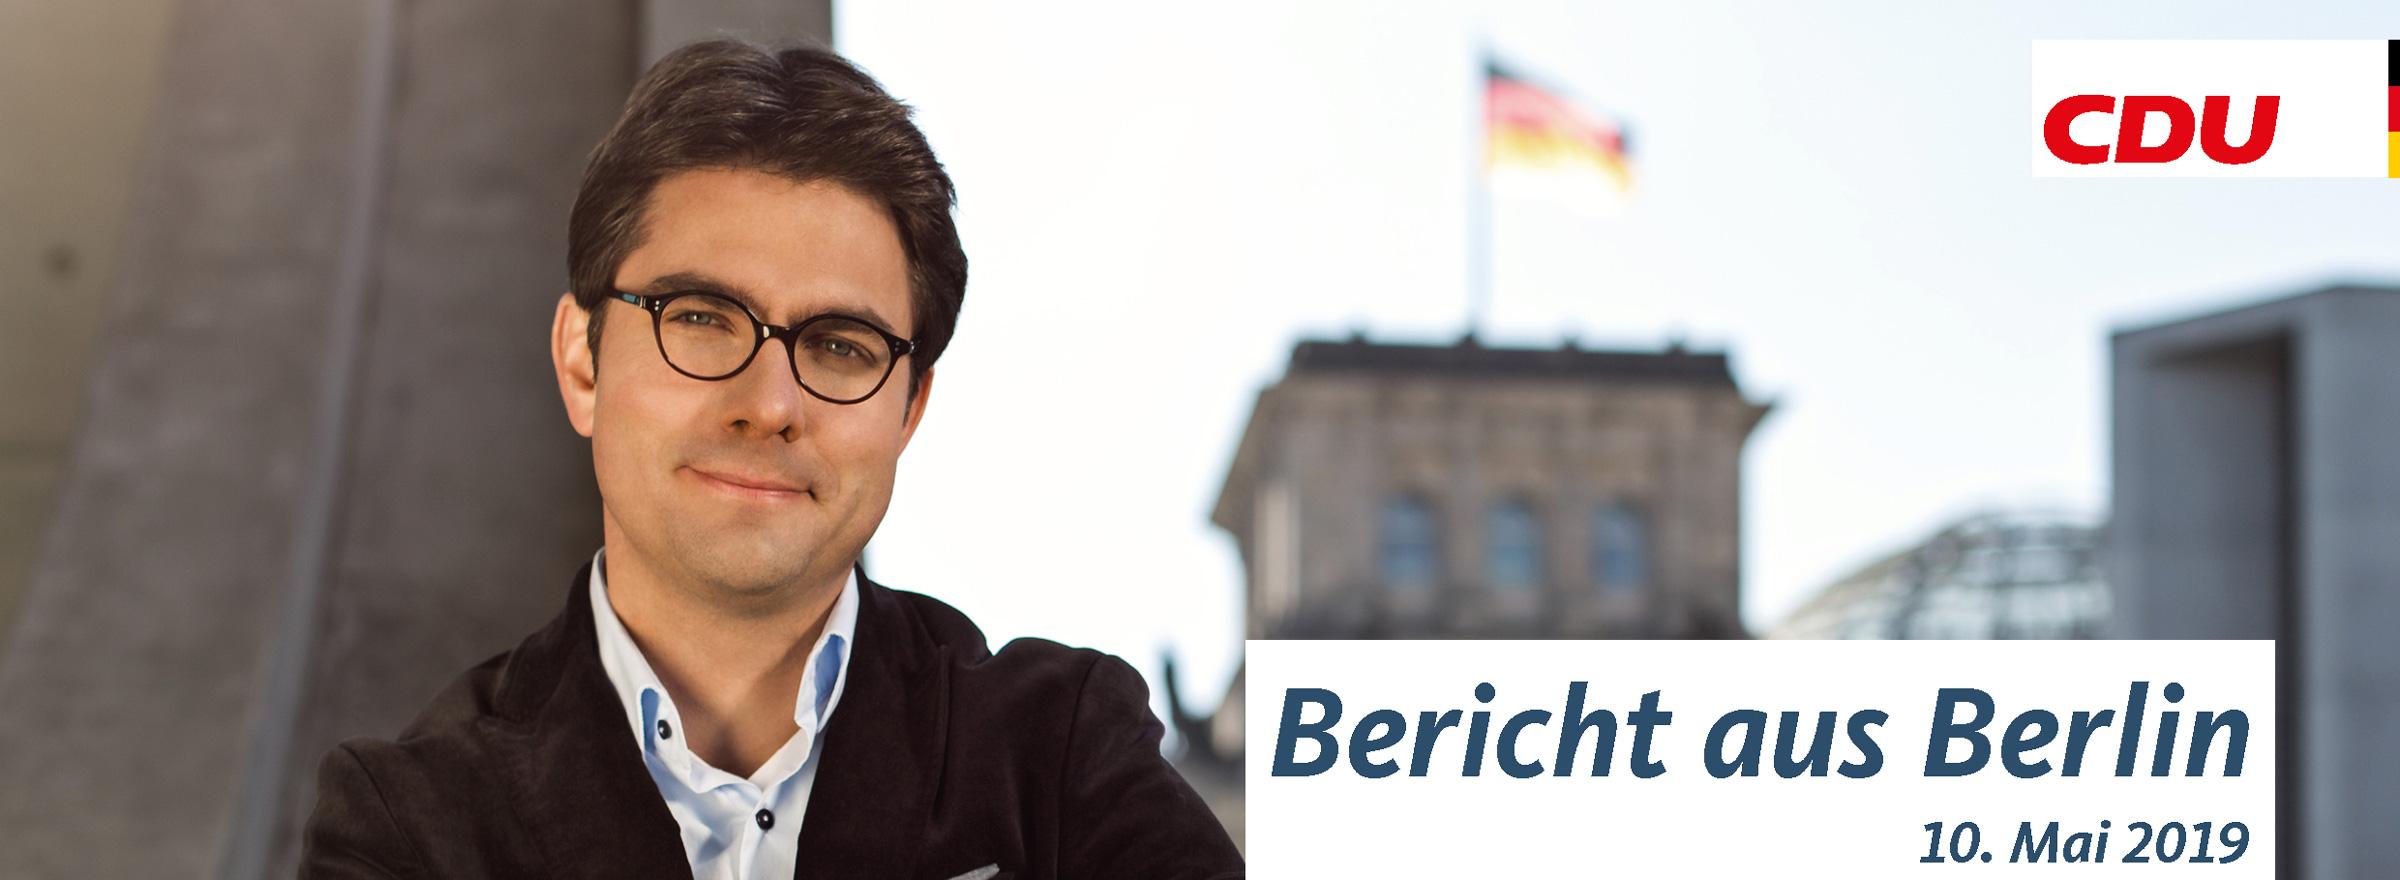 Bericht aus Berlin - Beitragsbild